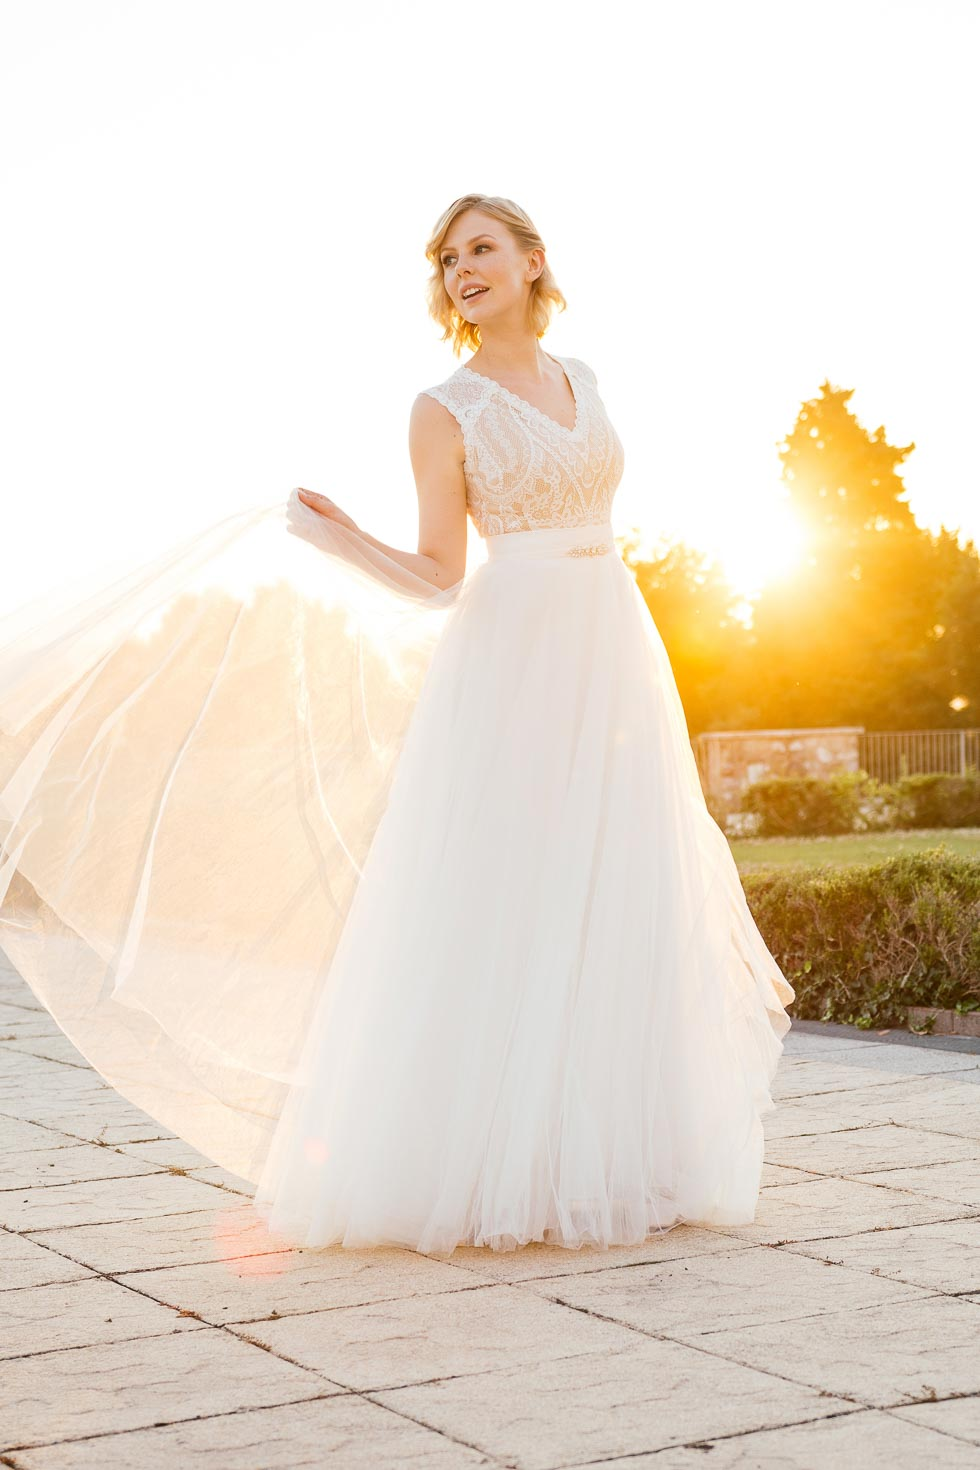 Küss die Braut Brautkleider Liv nude